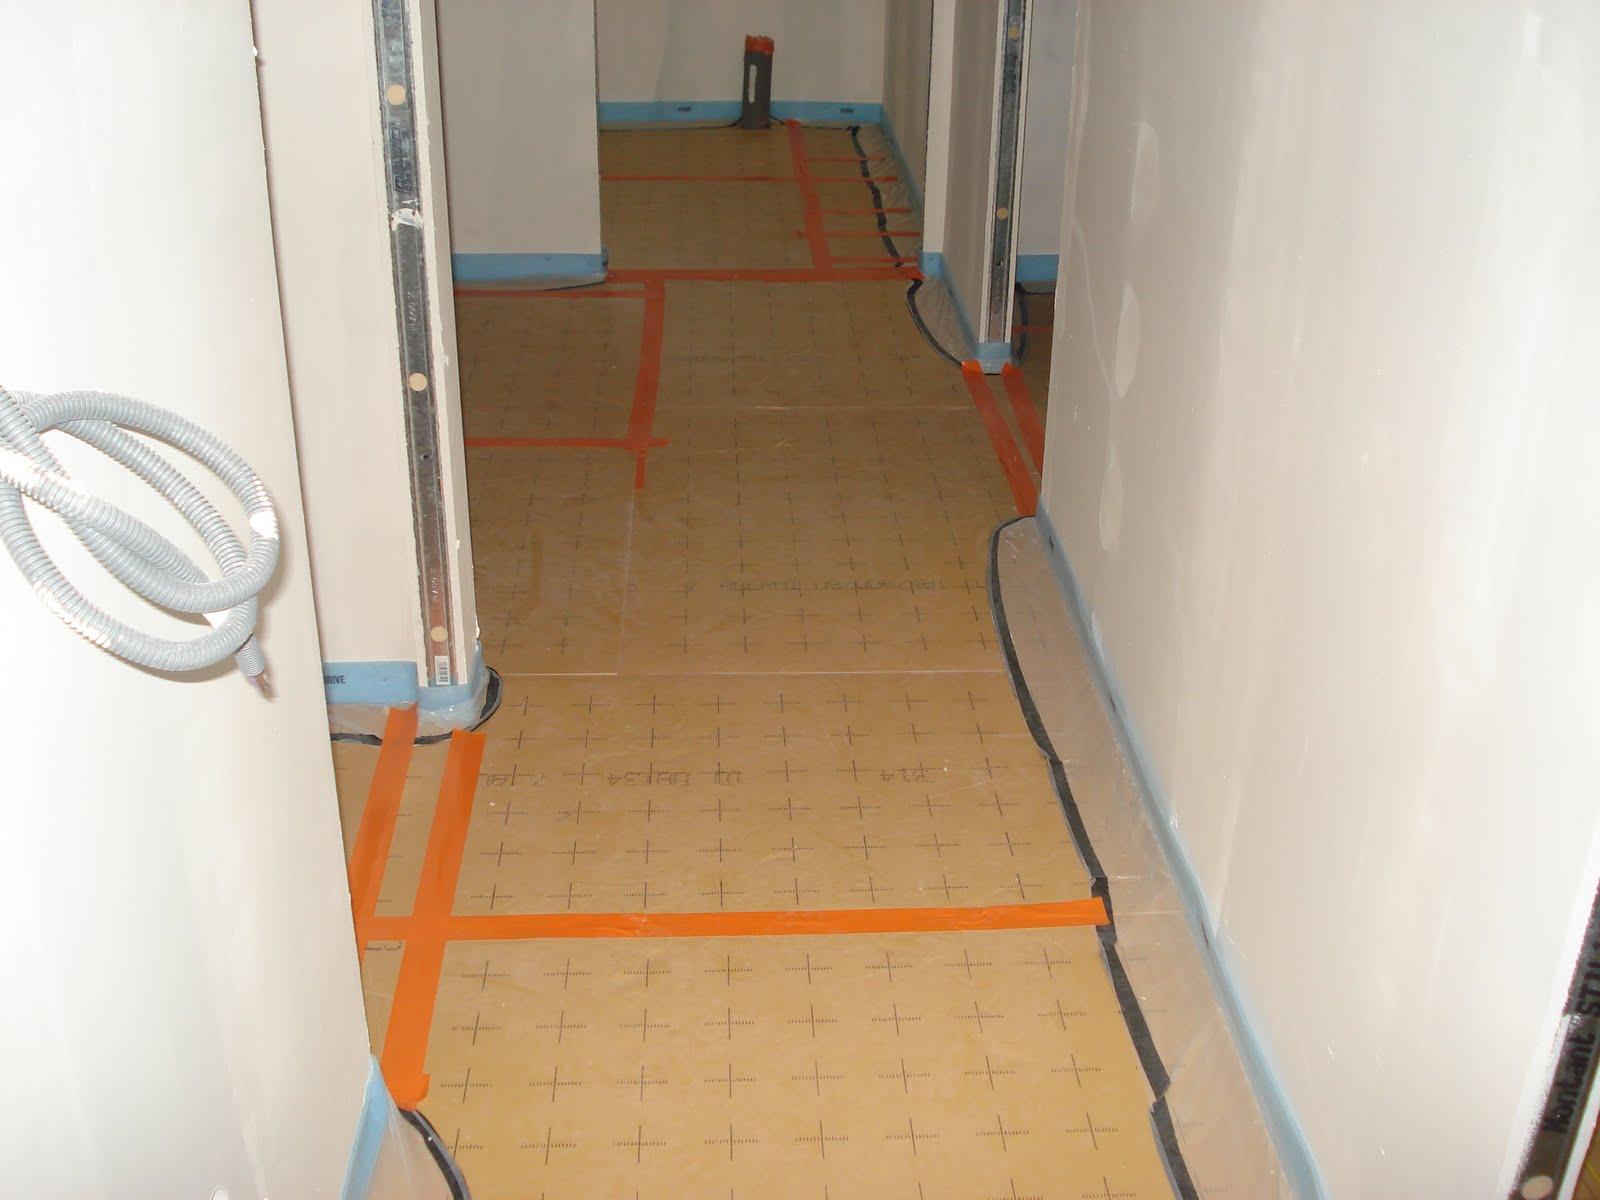 isolant thermique 20 couches devis en ligne construction. Black Bedroom Furniture Sets. Home Design Ideas